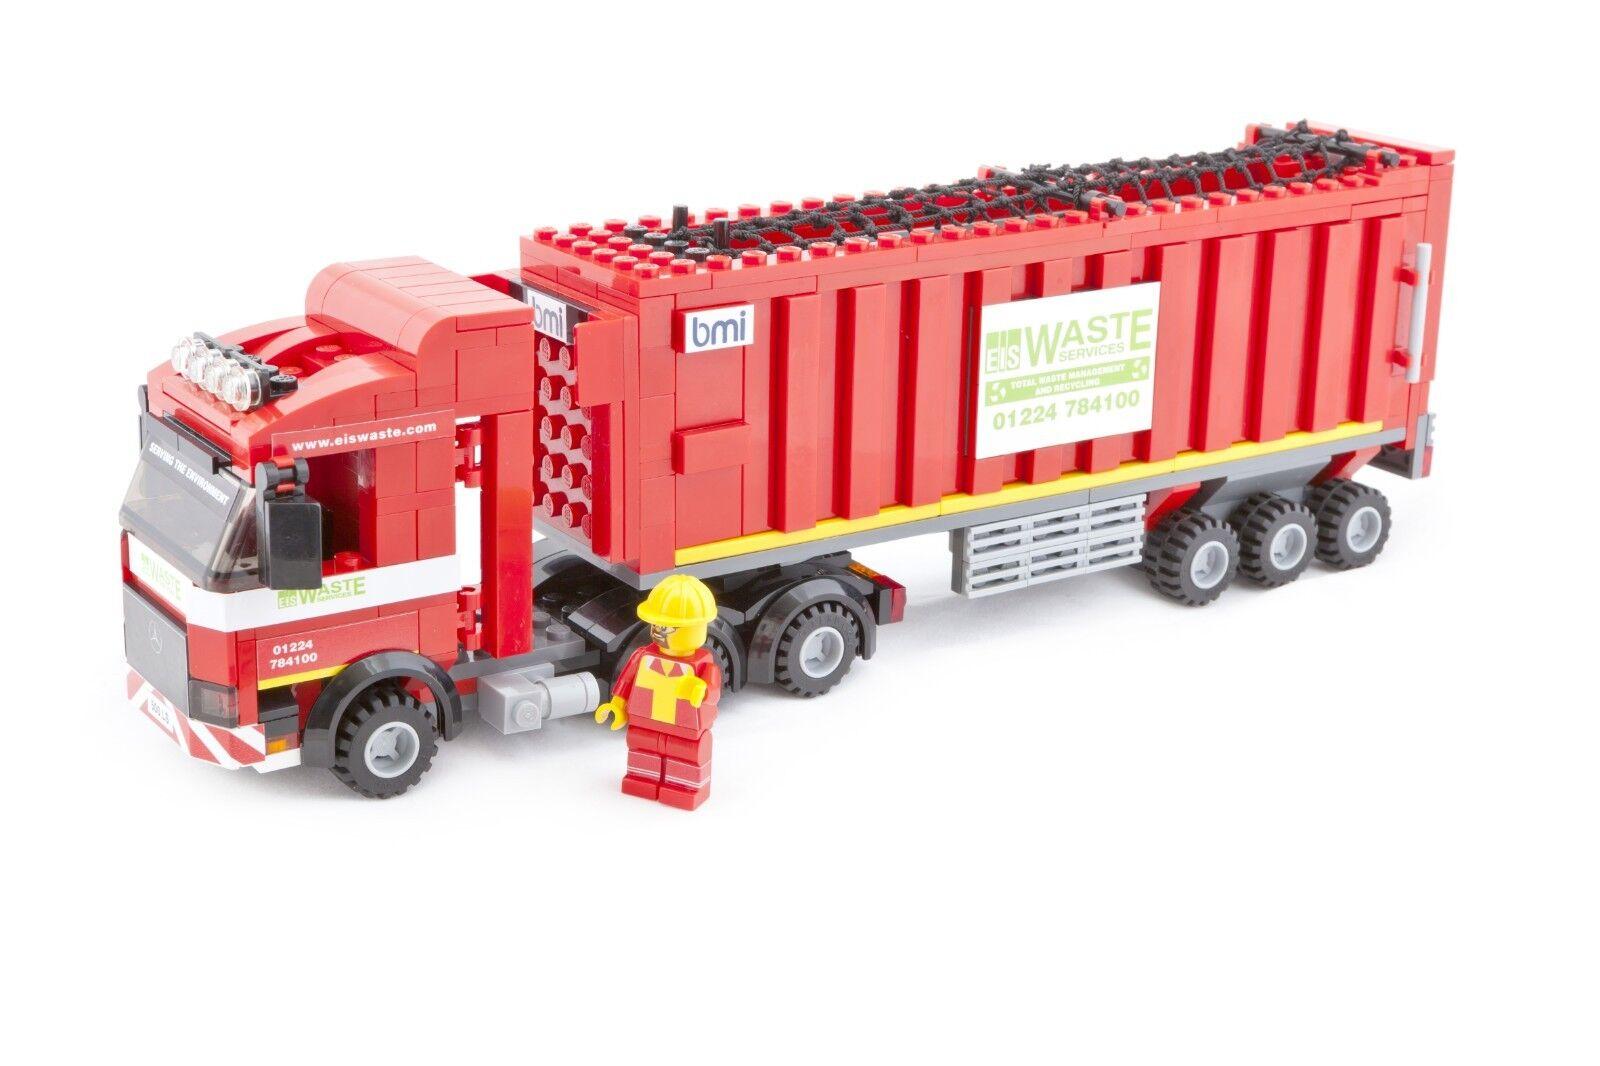 Edición limitada de los servicios de residuos EIS Articulado Camión Kit con ladrillos LEGO ®